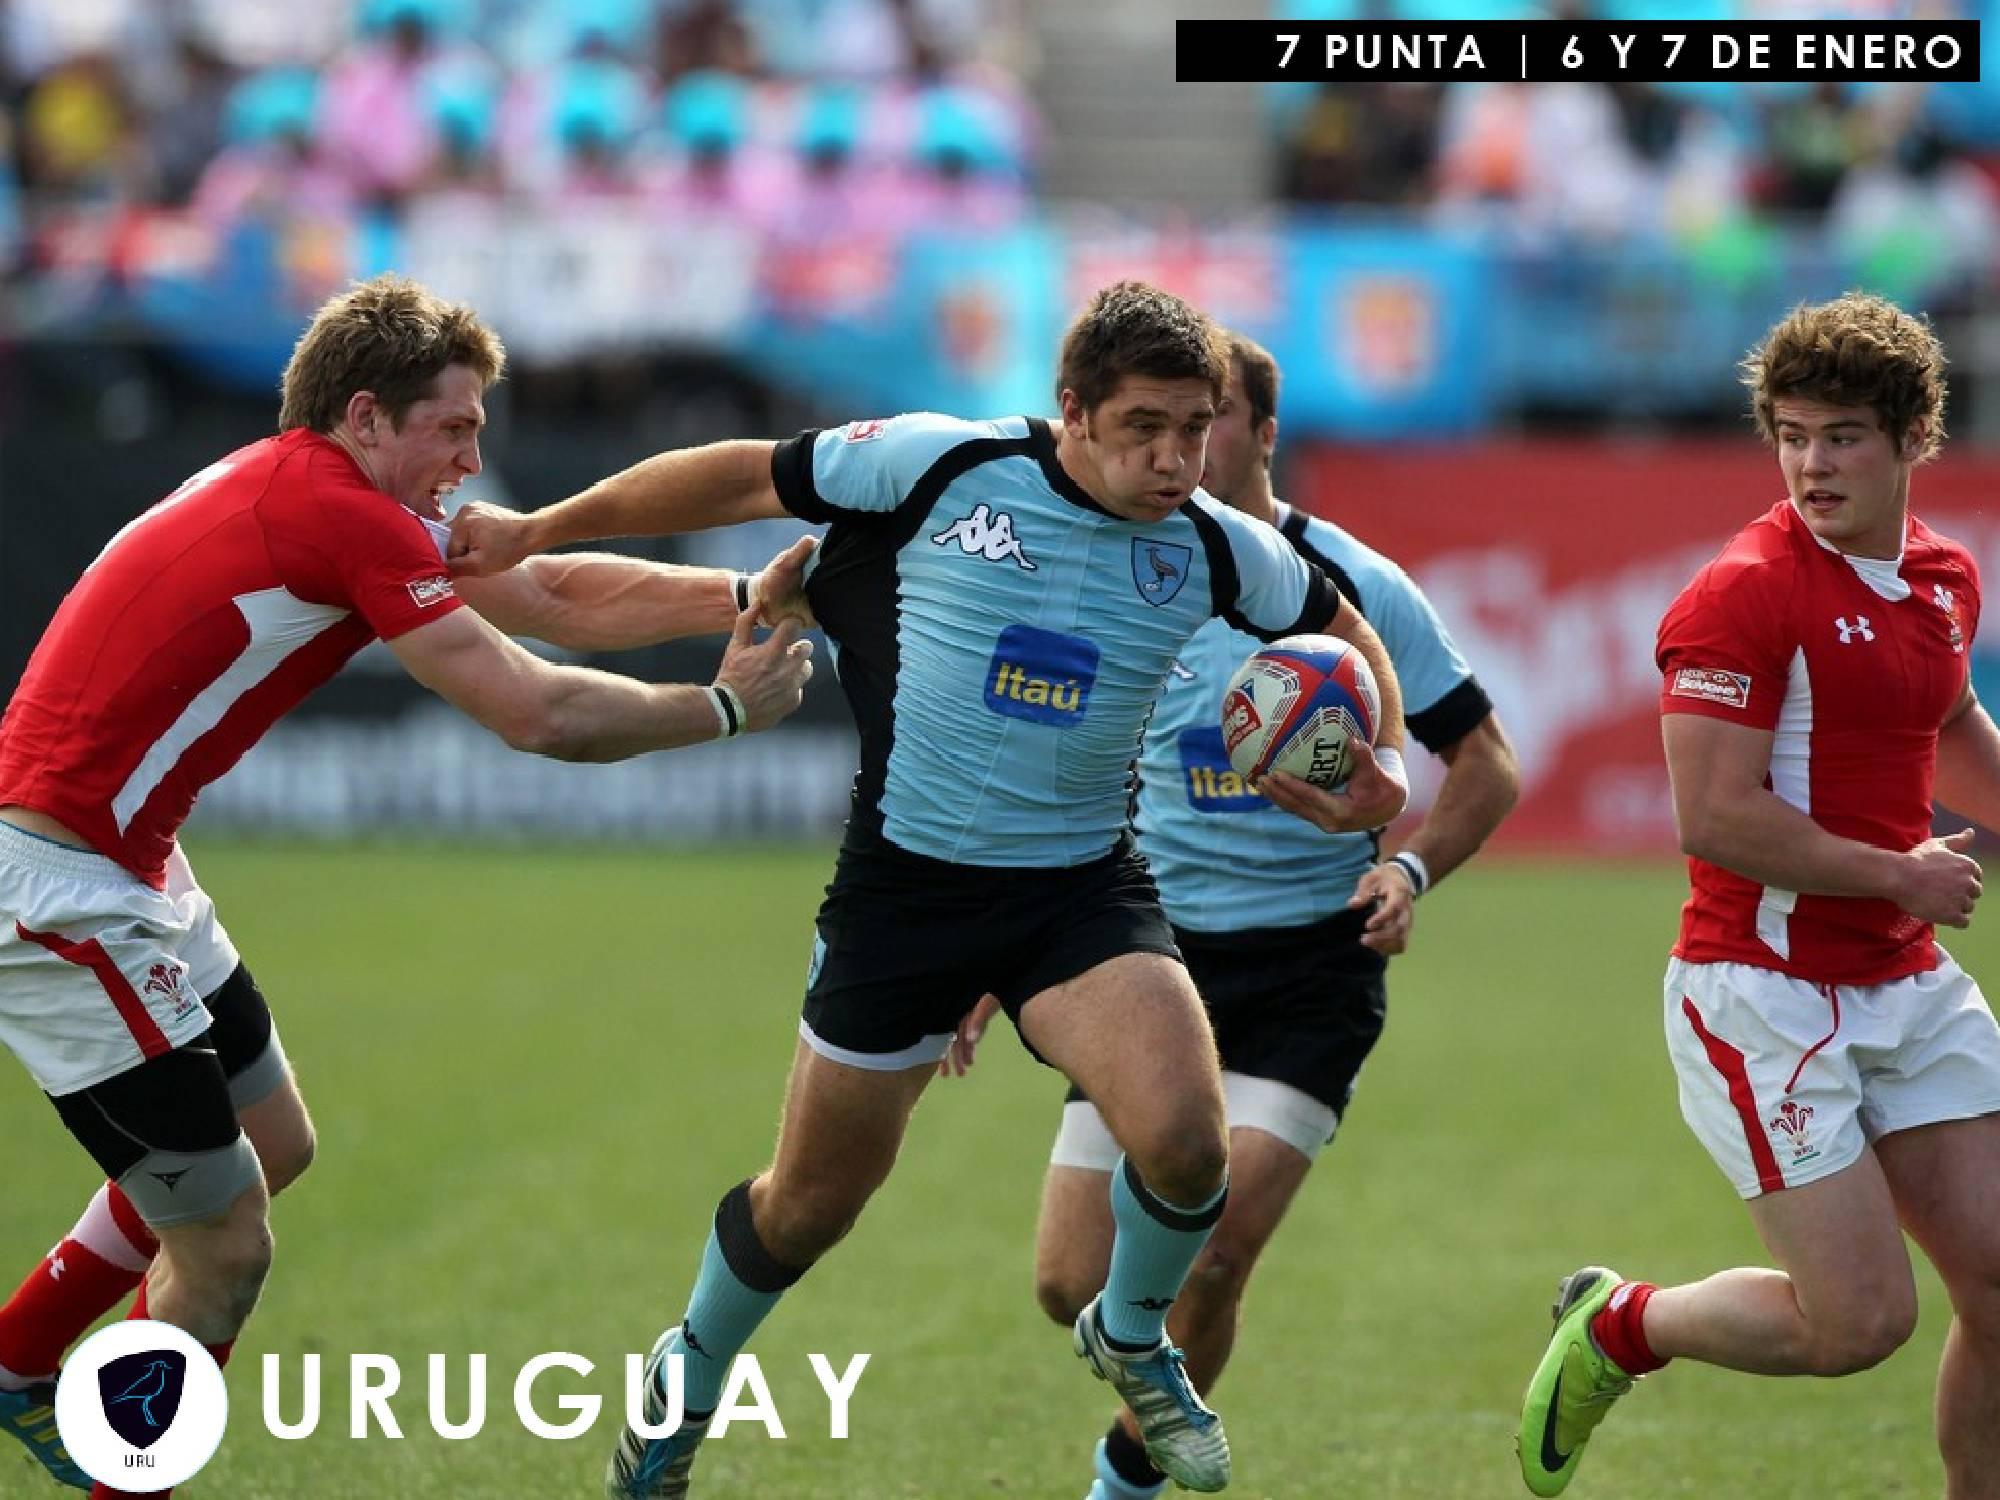 Chile clasificó a la final del torneo de Rugby Seven — Tremendo triunfo